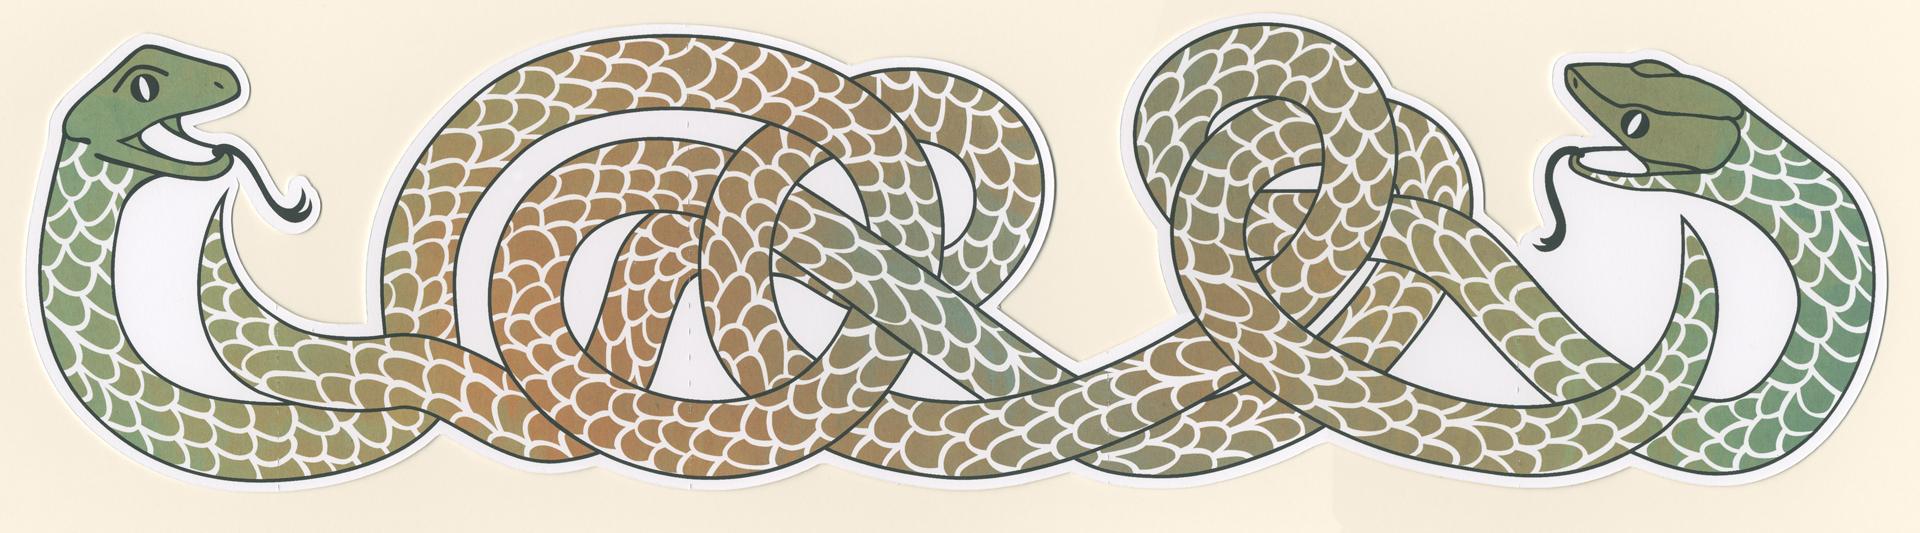 snakessss1